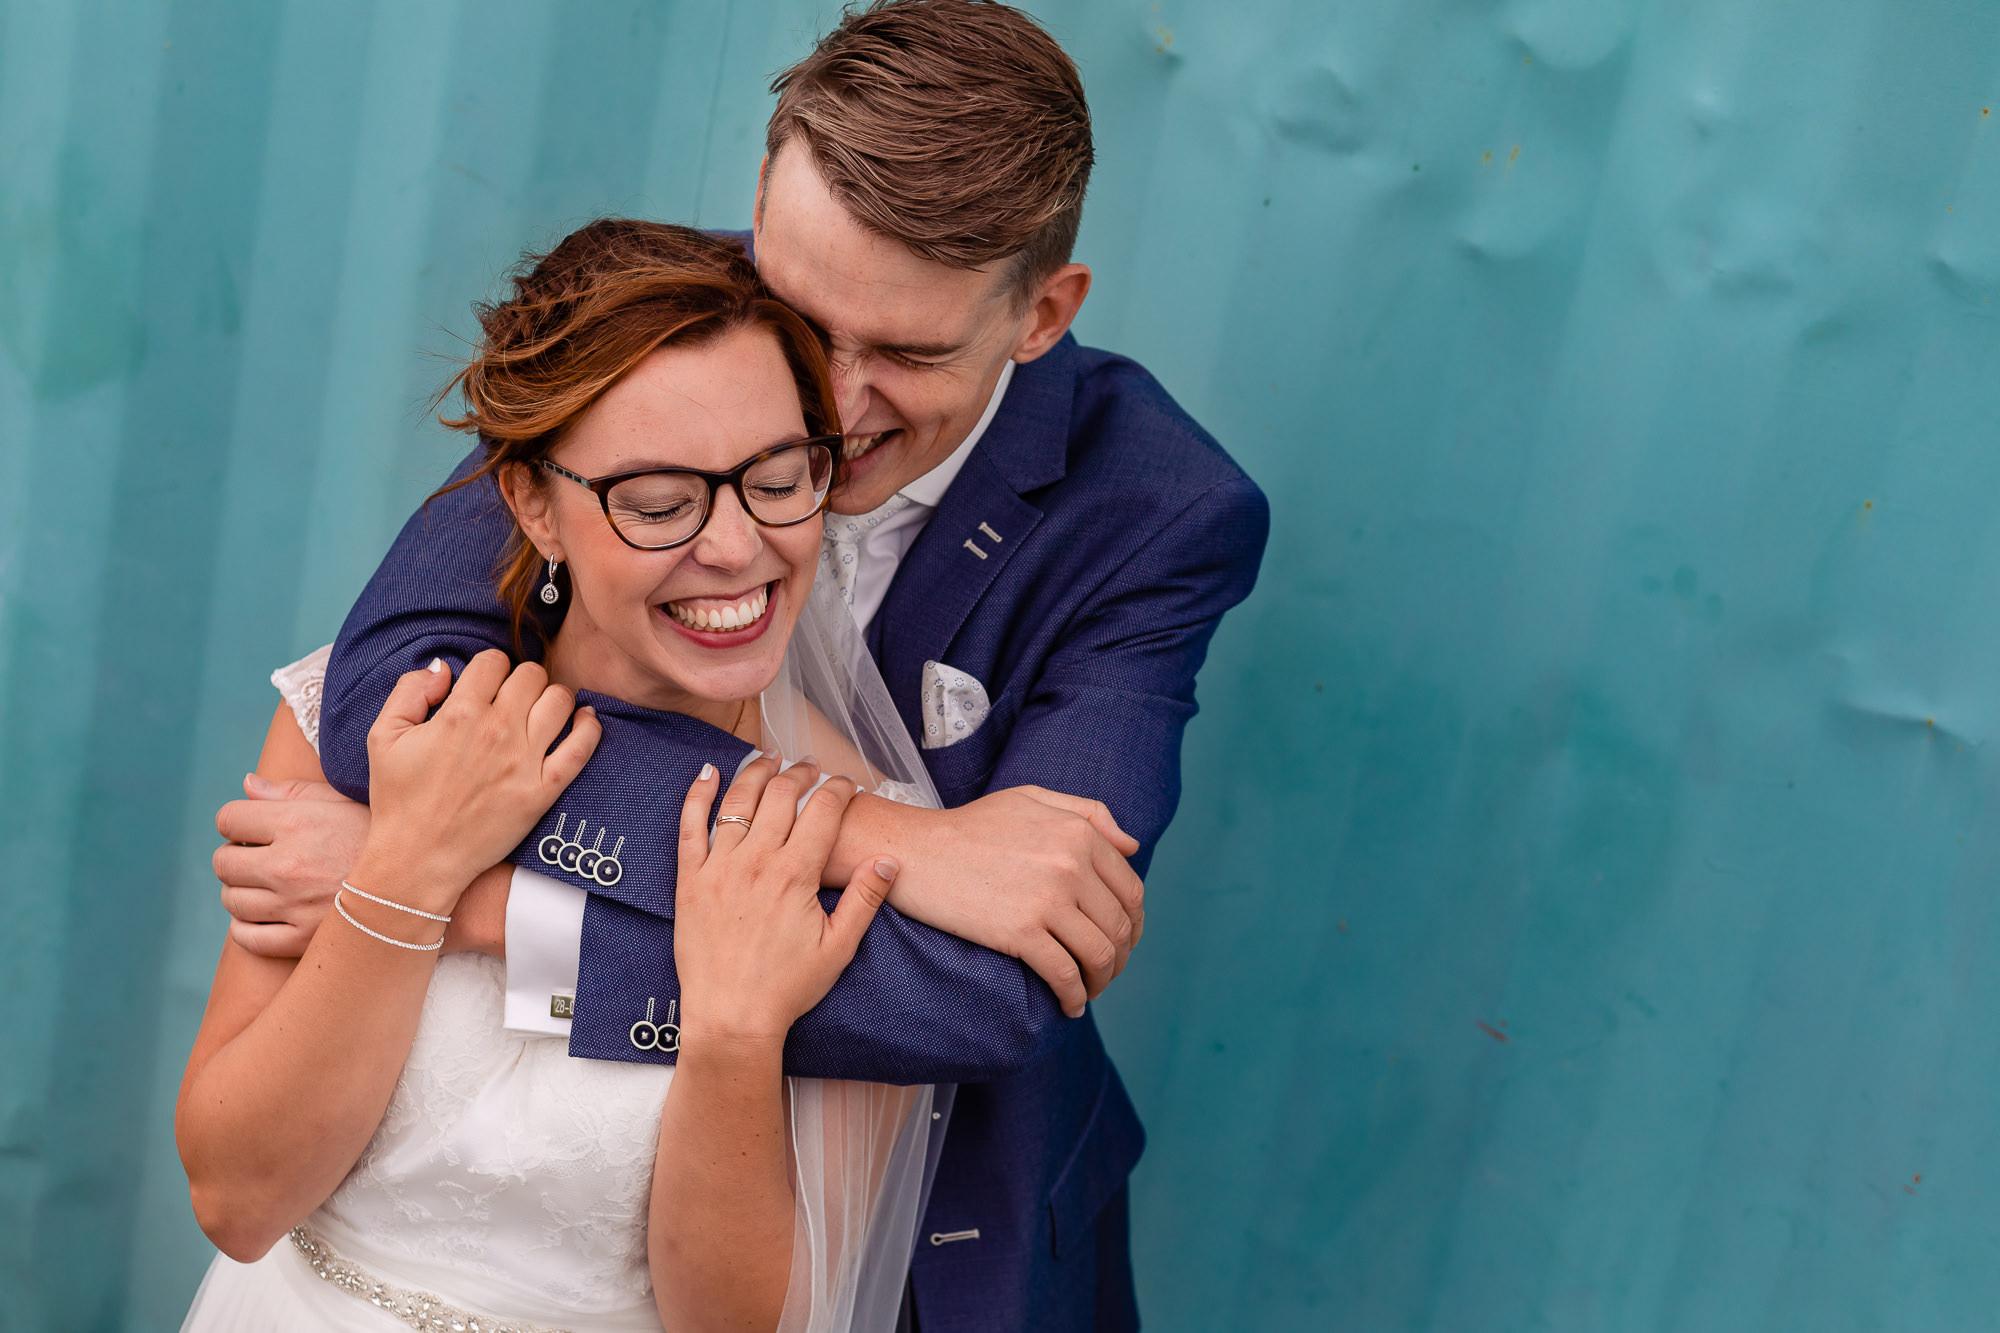 Bruidspaar knuffelend voor een blauwe container